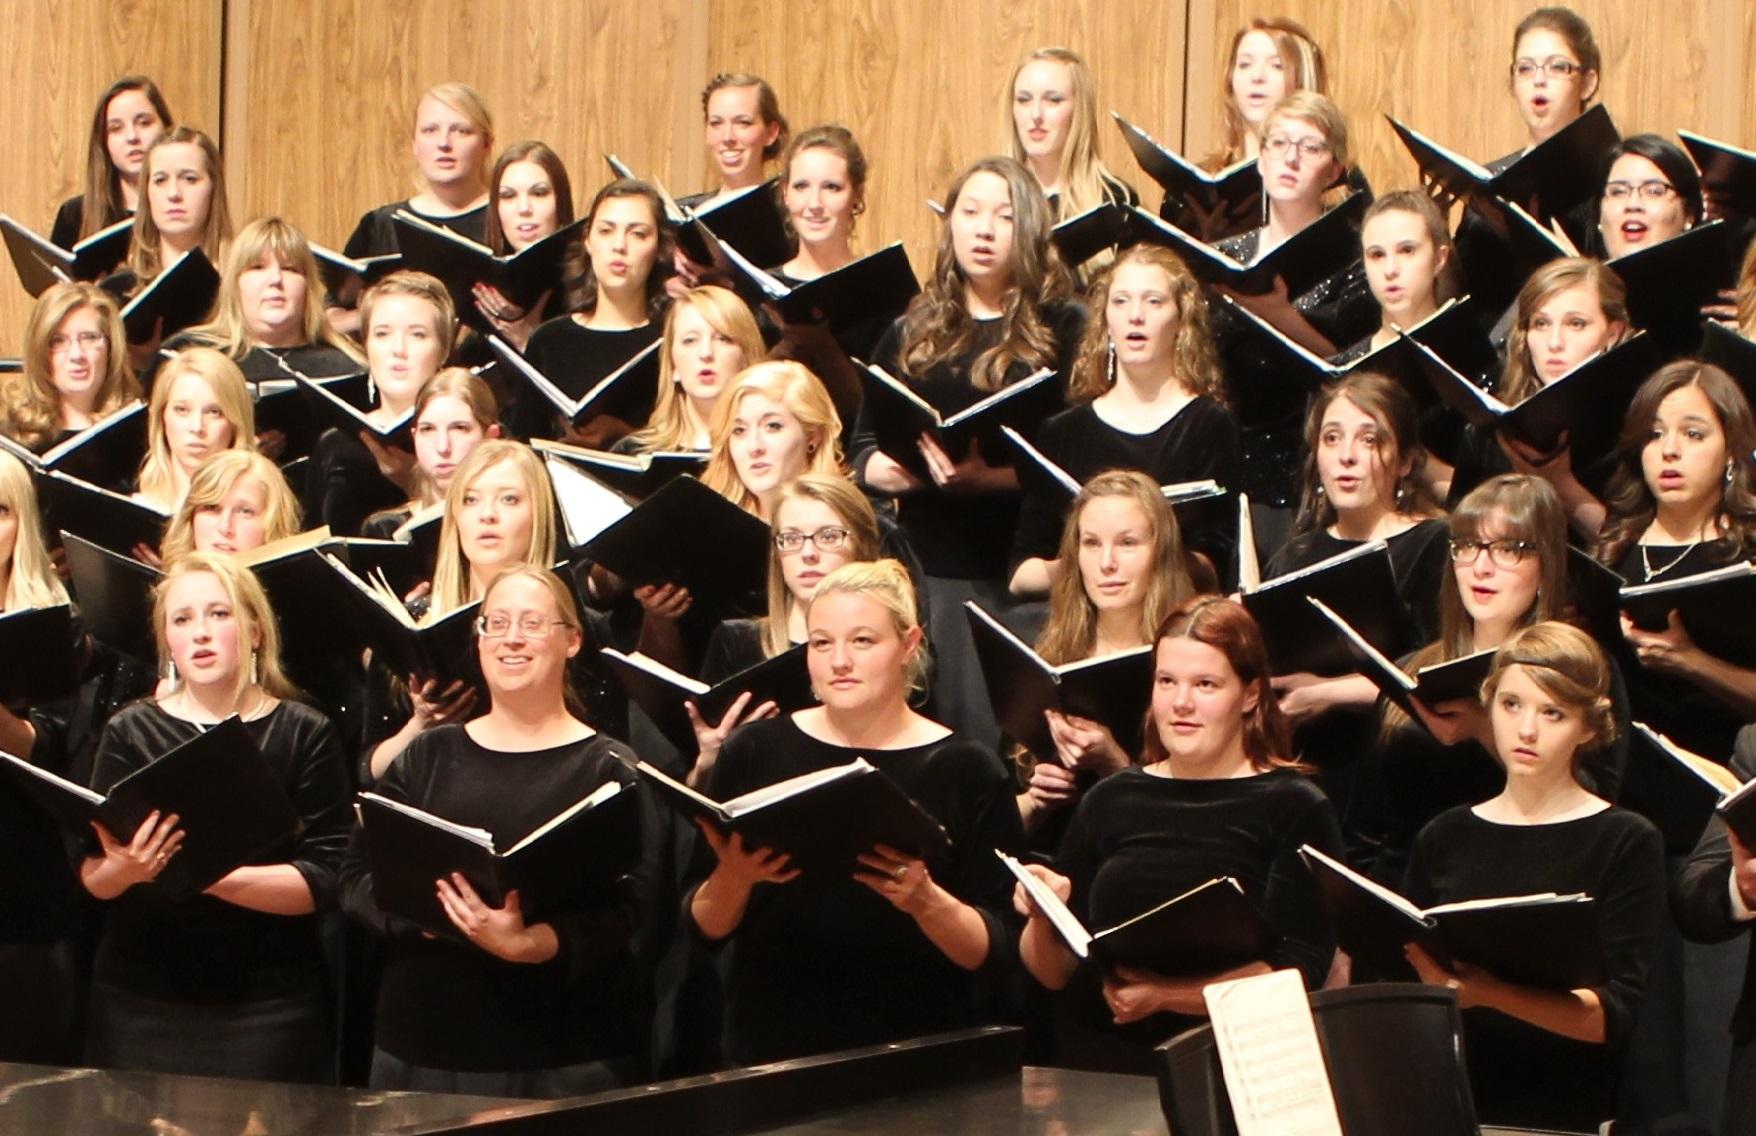 WSU Spring ChoirFest